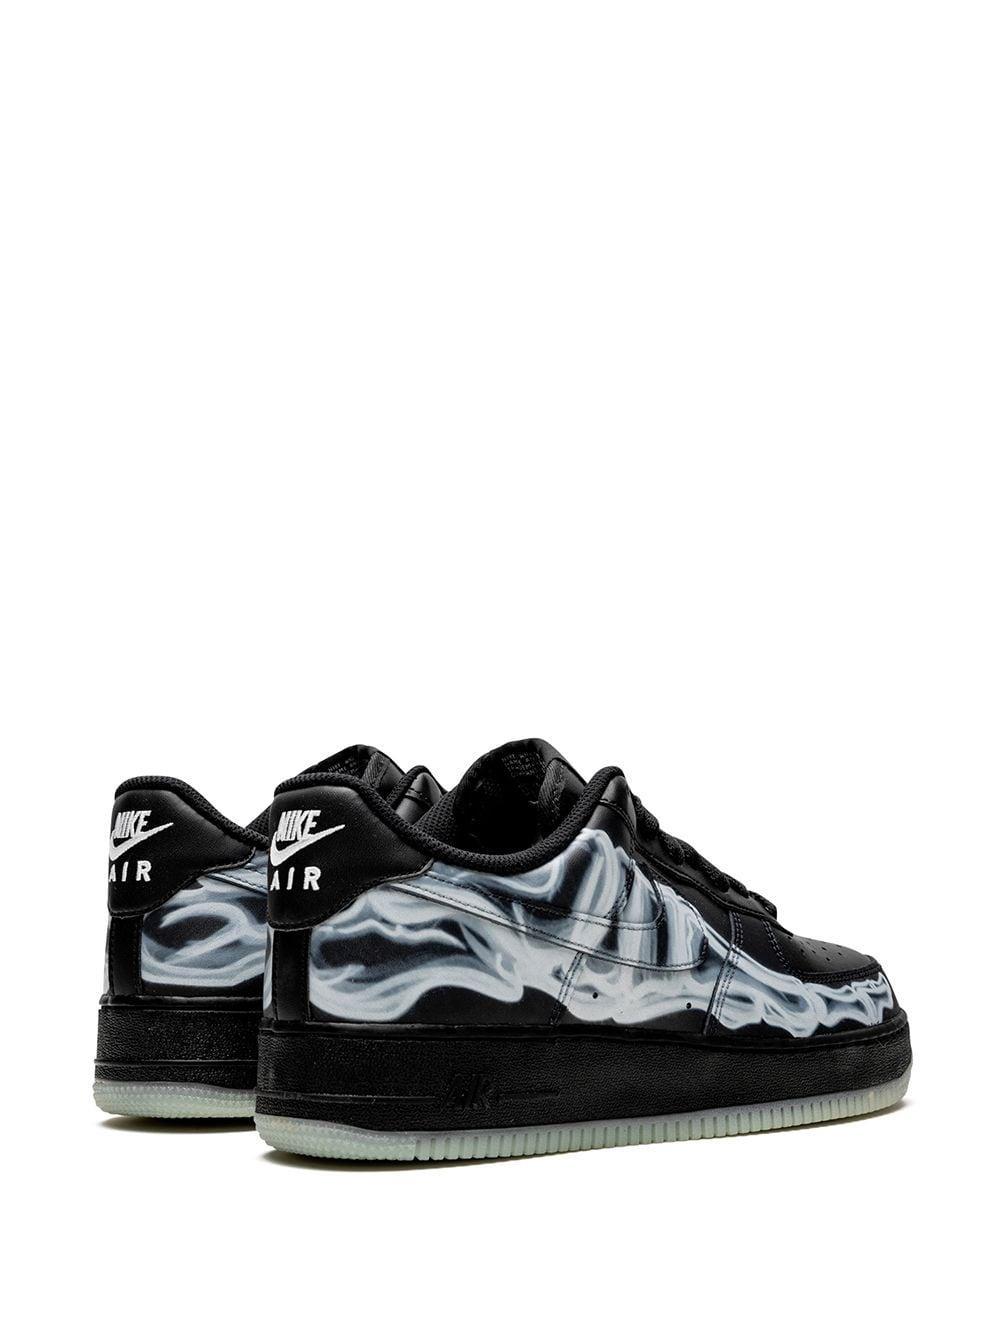 Baskets Air Force 1 '07 Skeleton QS Cuir Nike en coloris Noir 6BCe